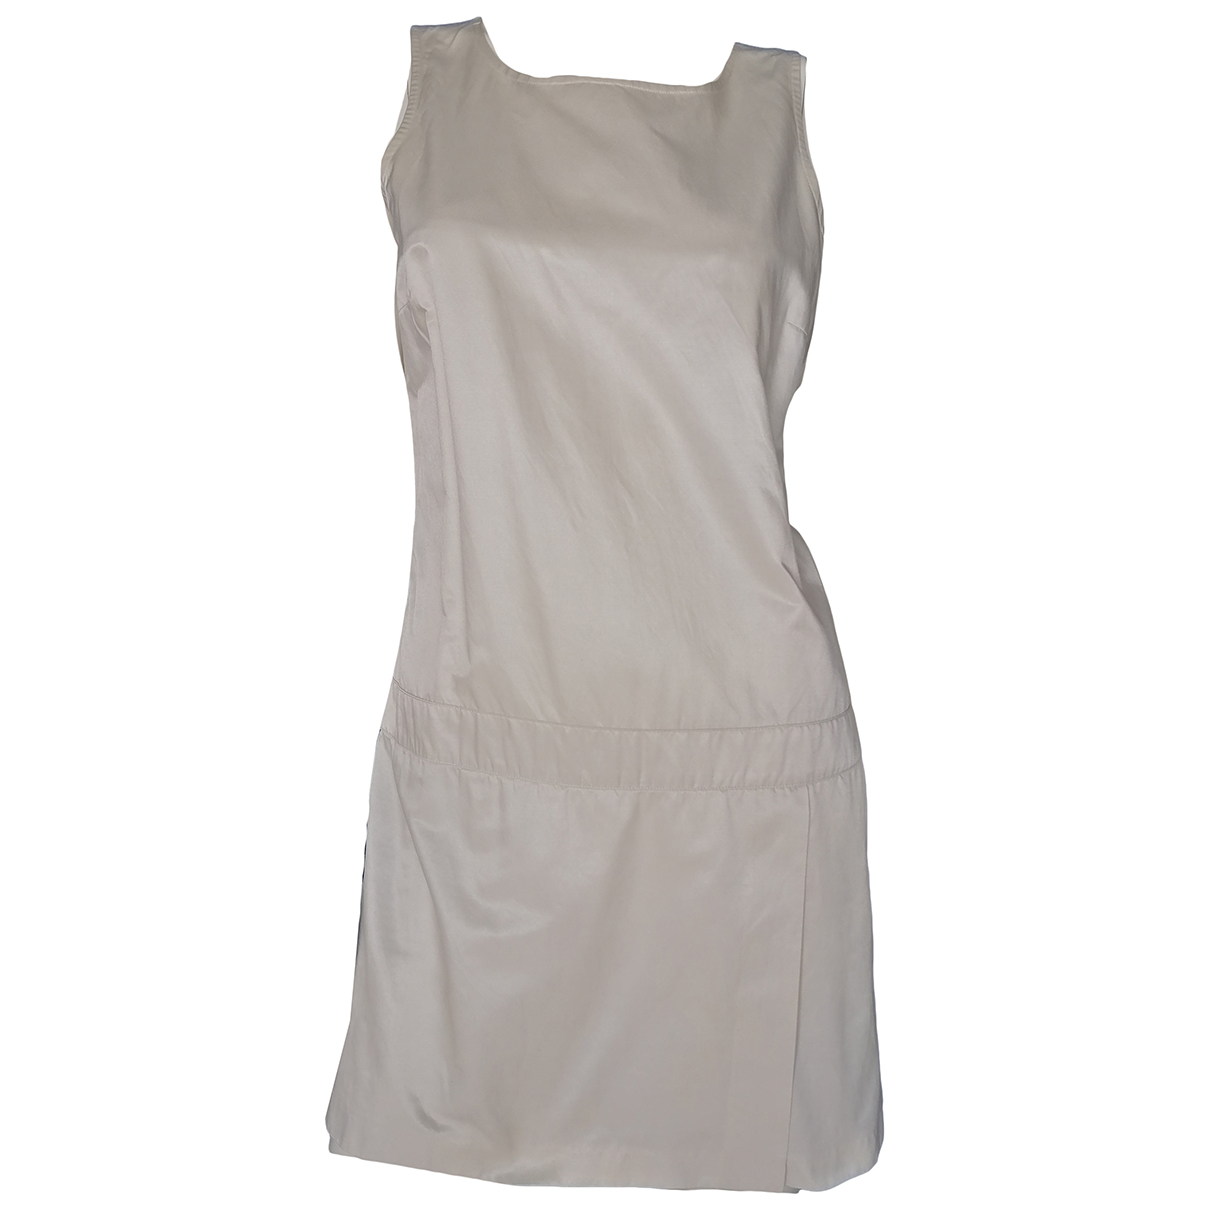 Fendissime \N Kleid in  Weiss Synthetik